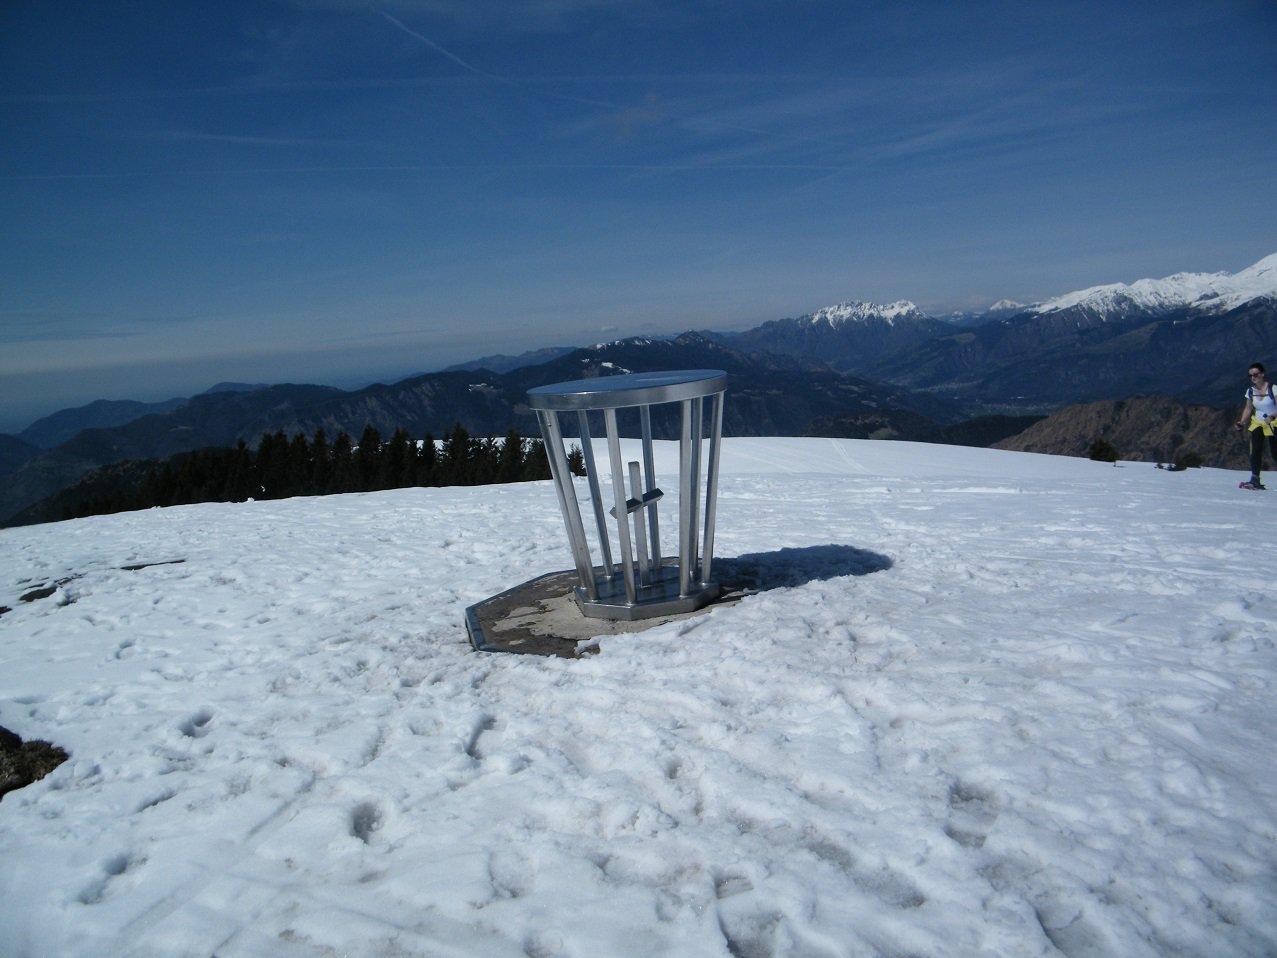 La tavola orientativa con la piccola croce sulla vetta del Monte Alto